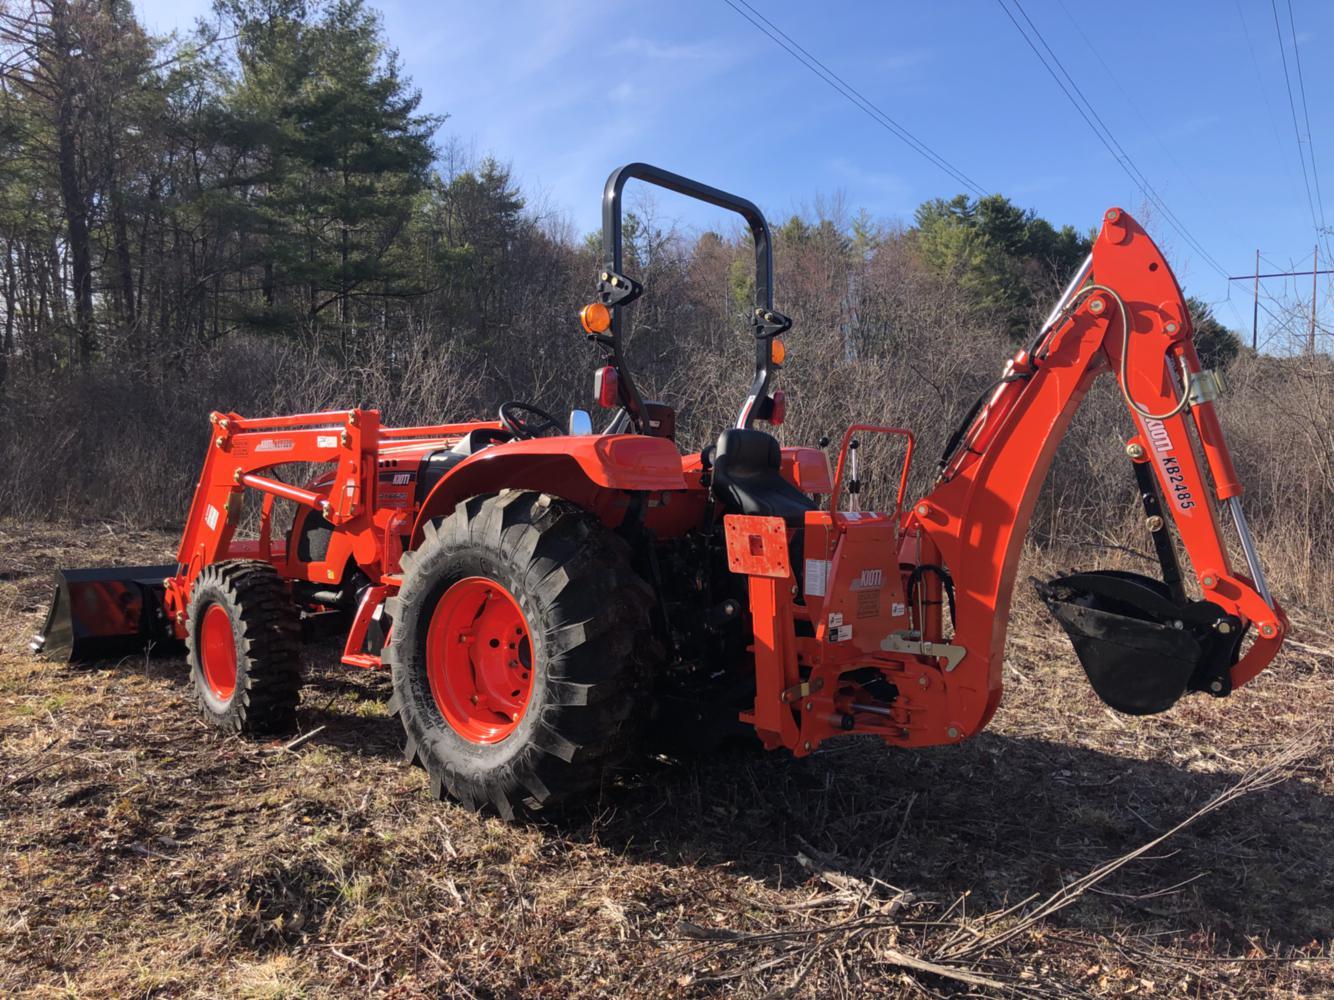 Kioti RX6620 Powershuttle Tractor w/ Loader & Backhoe for